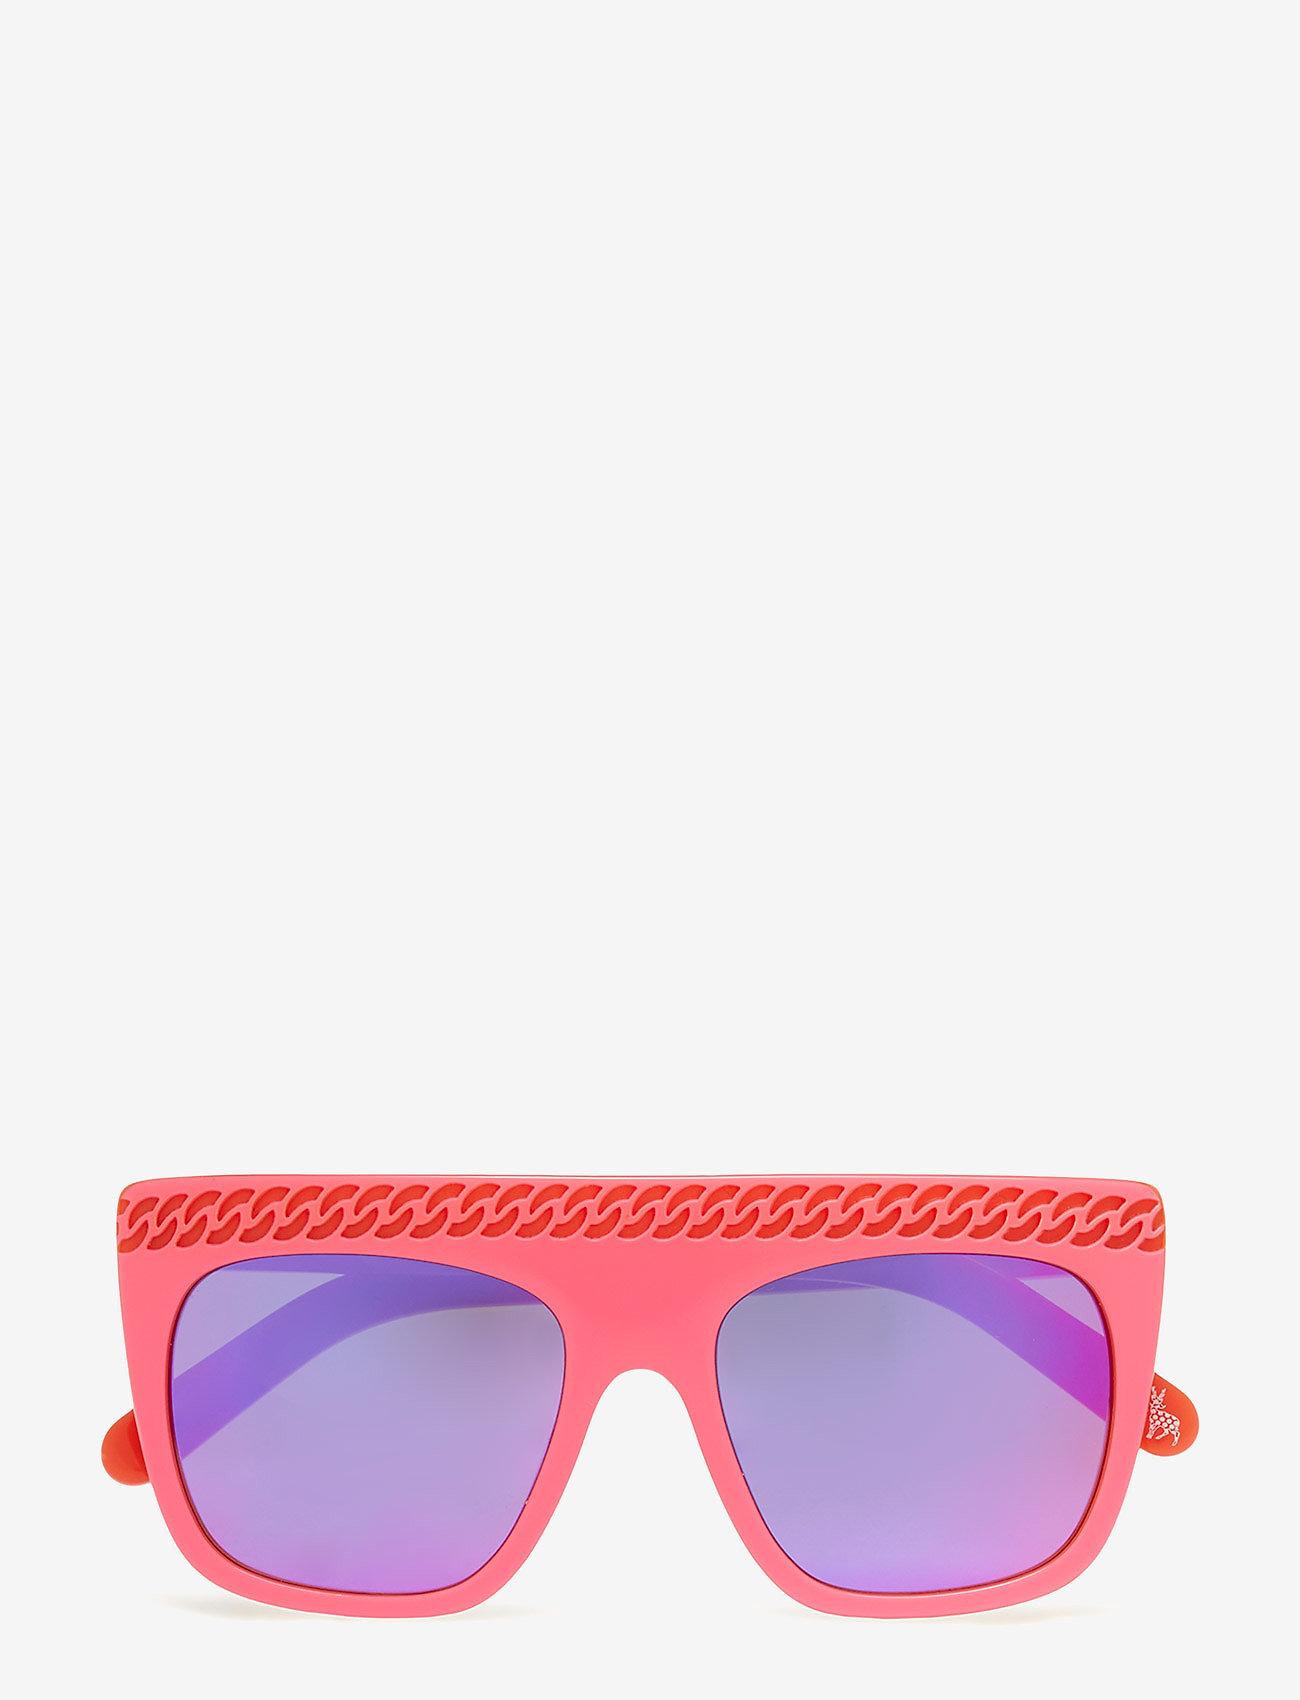 Stella McCartney Eyewear - SK0002S - saulesbrilles - pink - 1